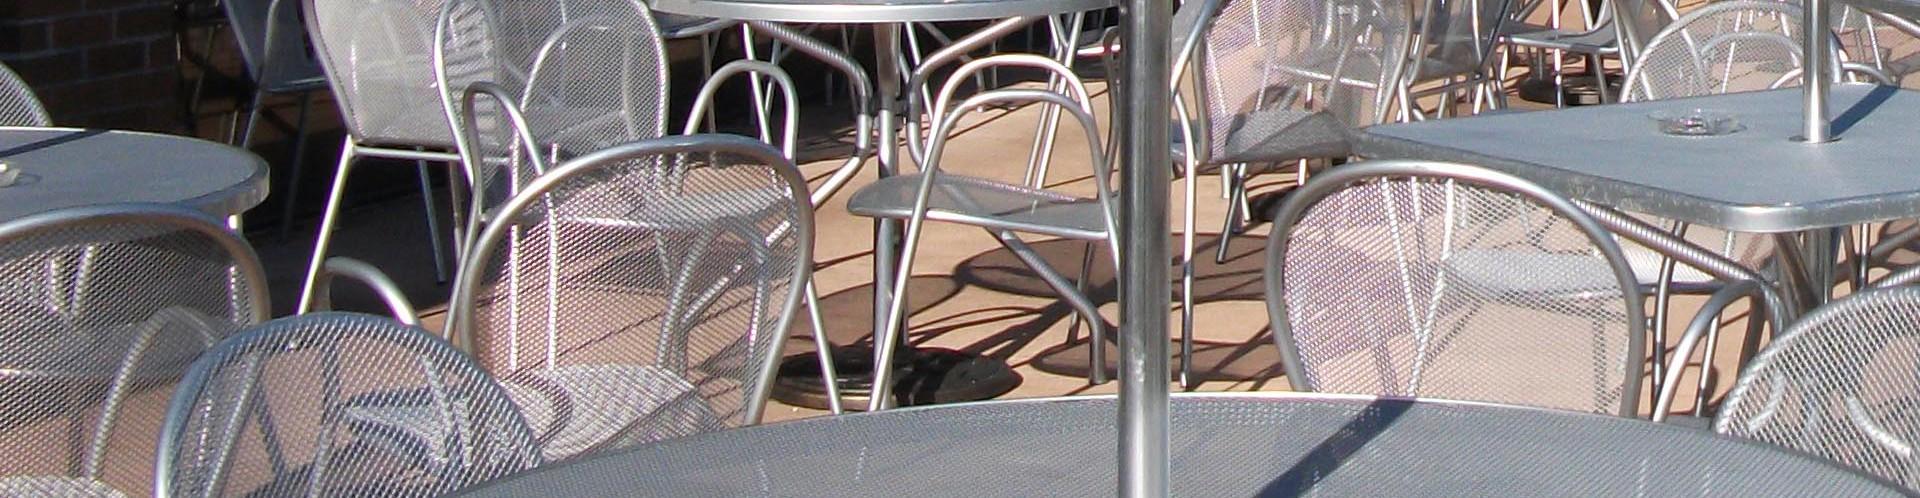 Catalogo sedie tavoli e accessori con oltre 1000 articoli